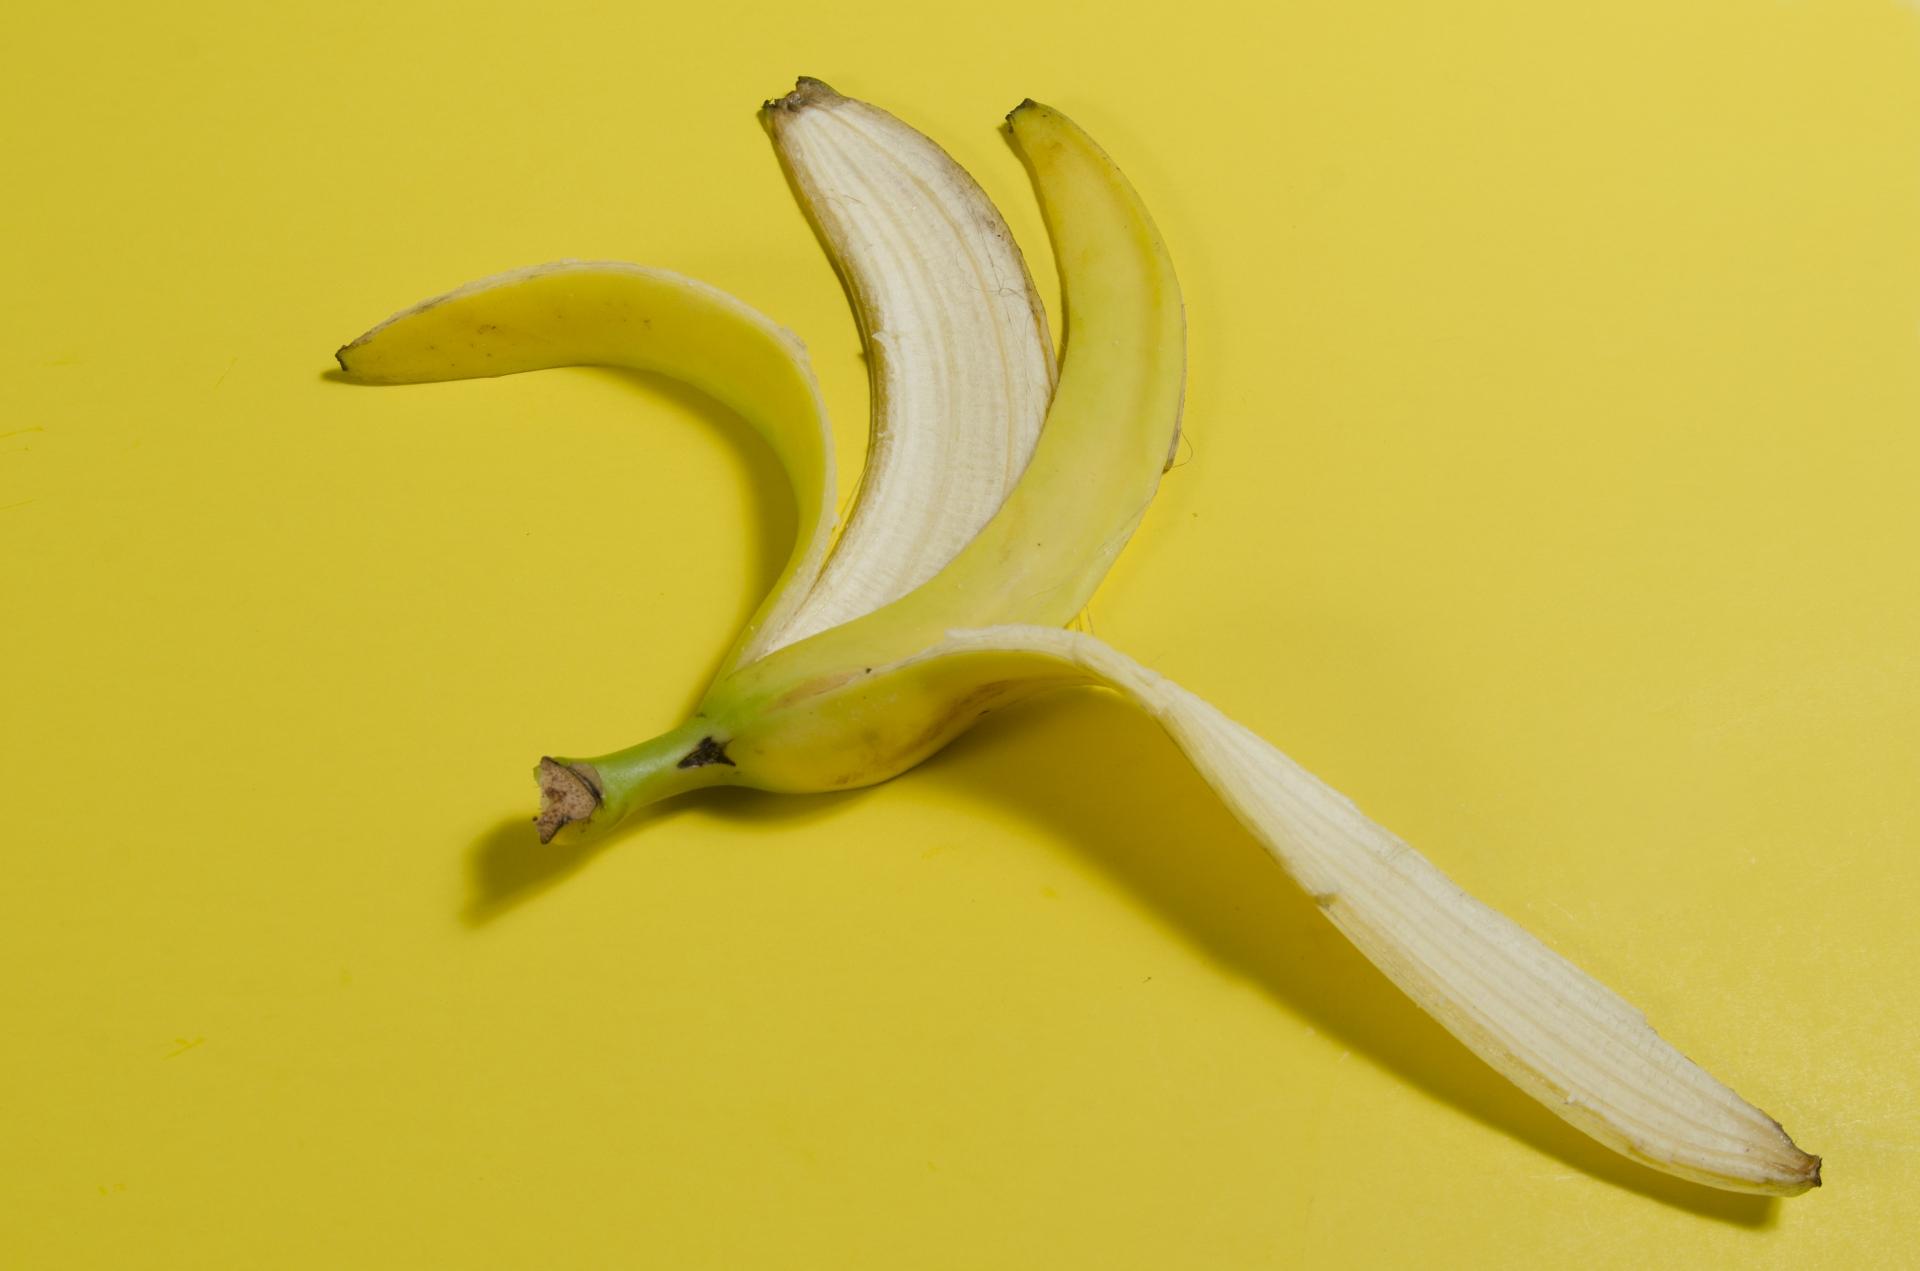 バナナの皮